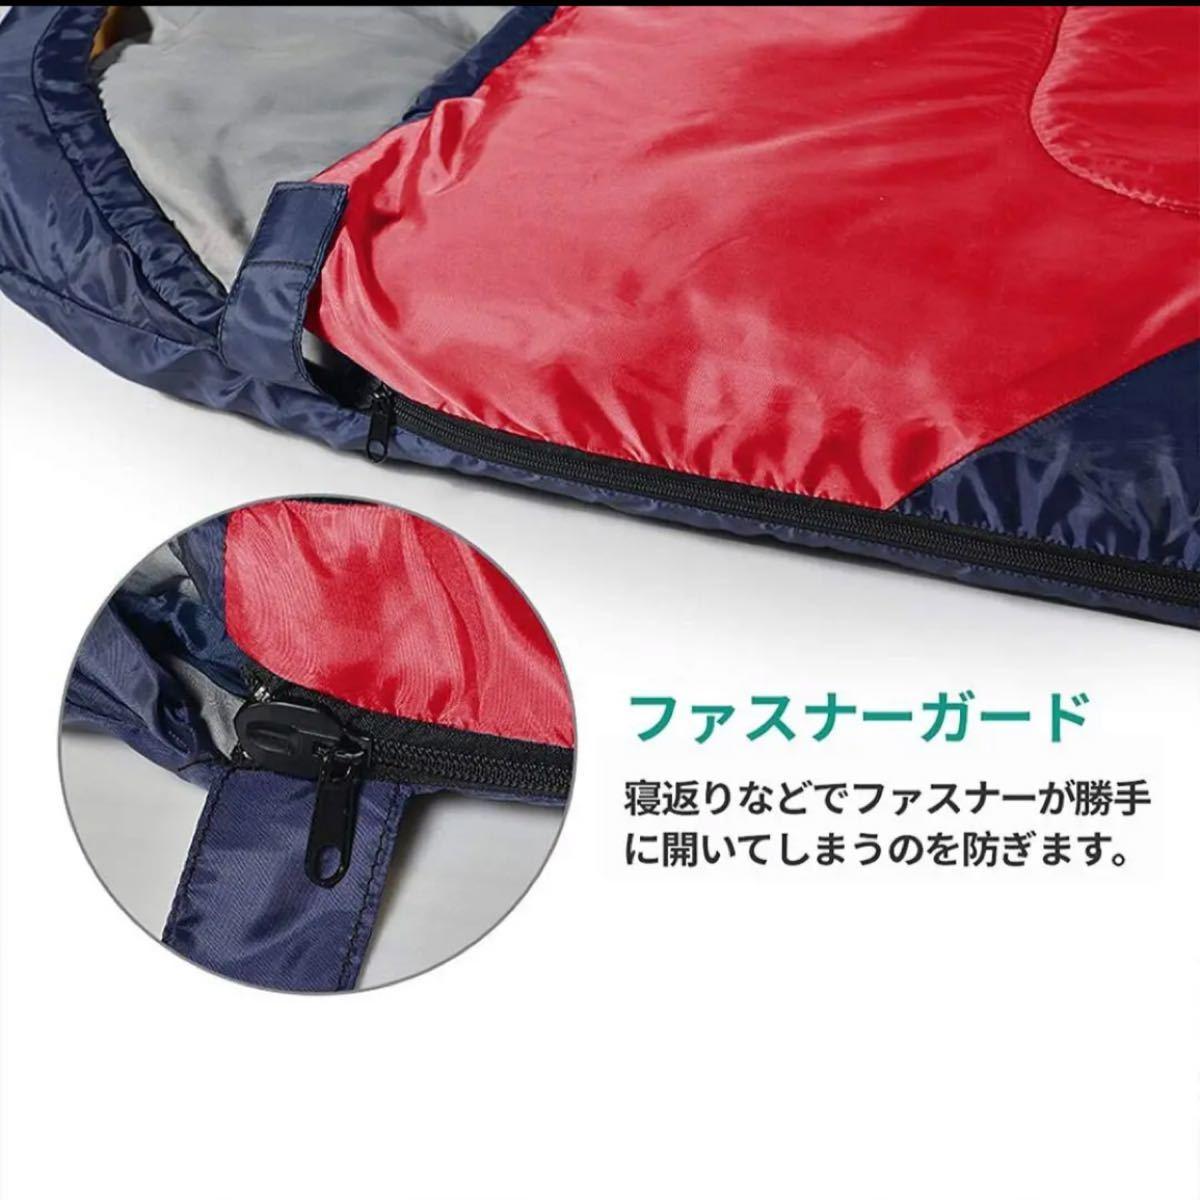 寝袋 封筒型 210T防水シュラフ コンパクト アウトドア キャンプ